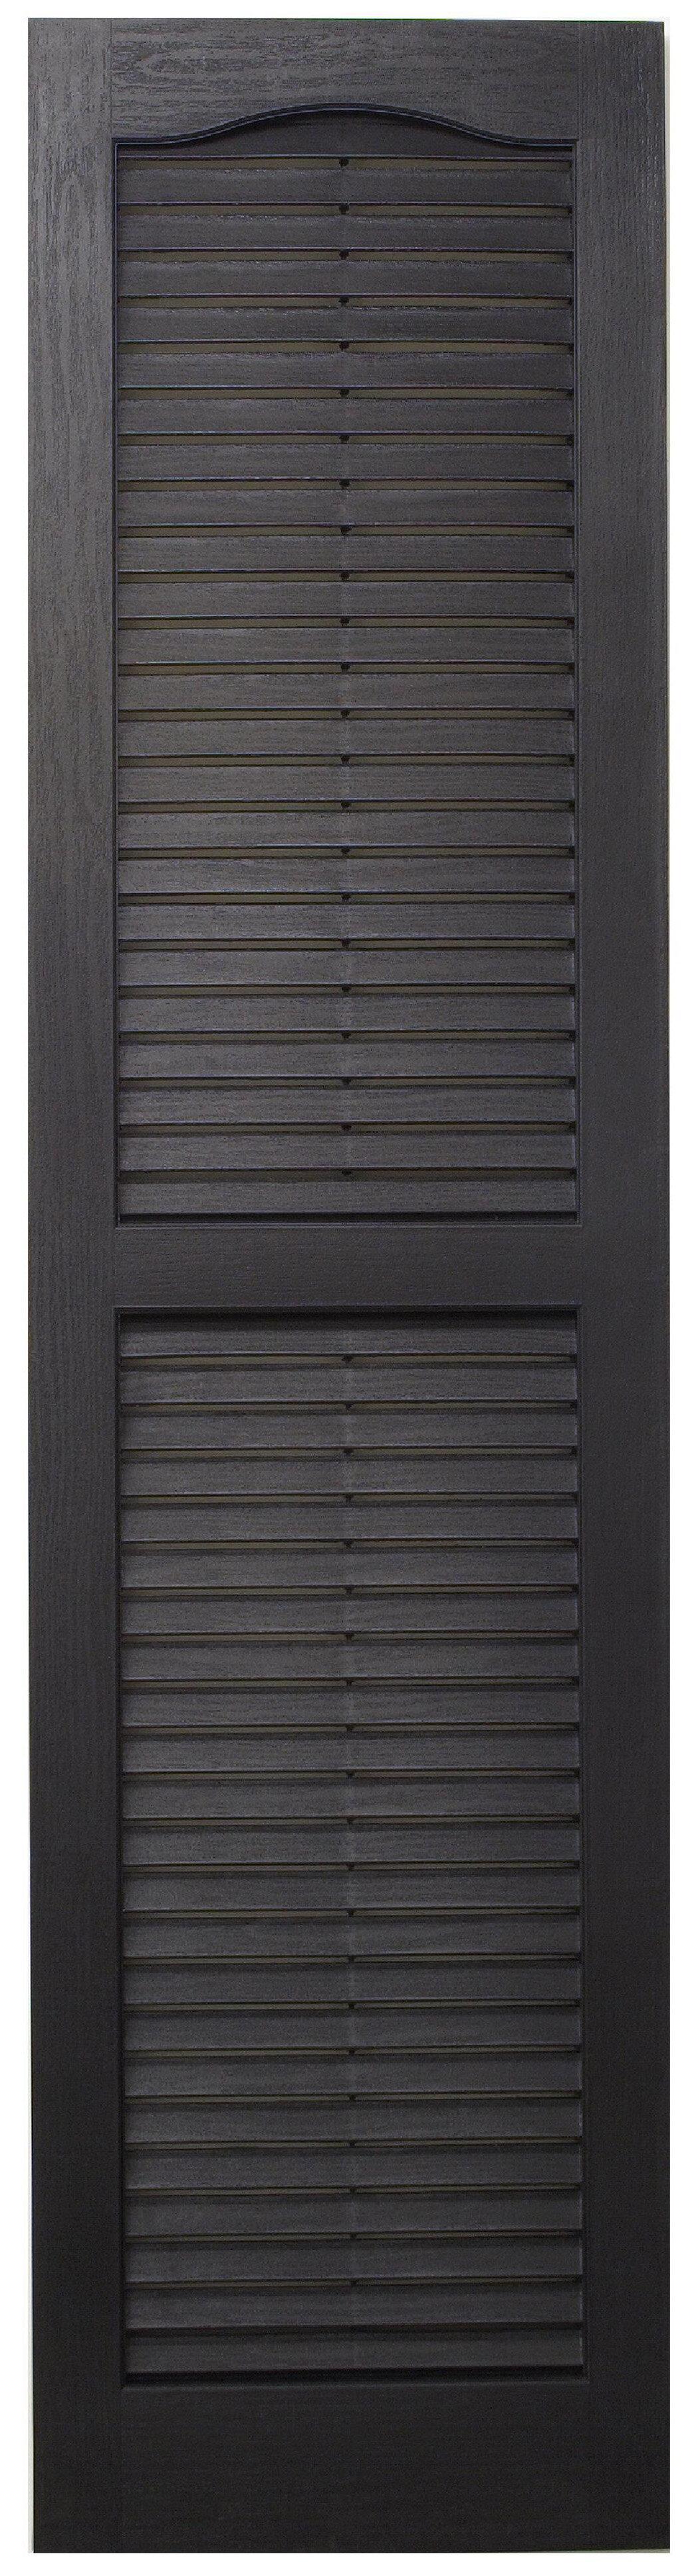 28x80 Louvered Door   Wayfair